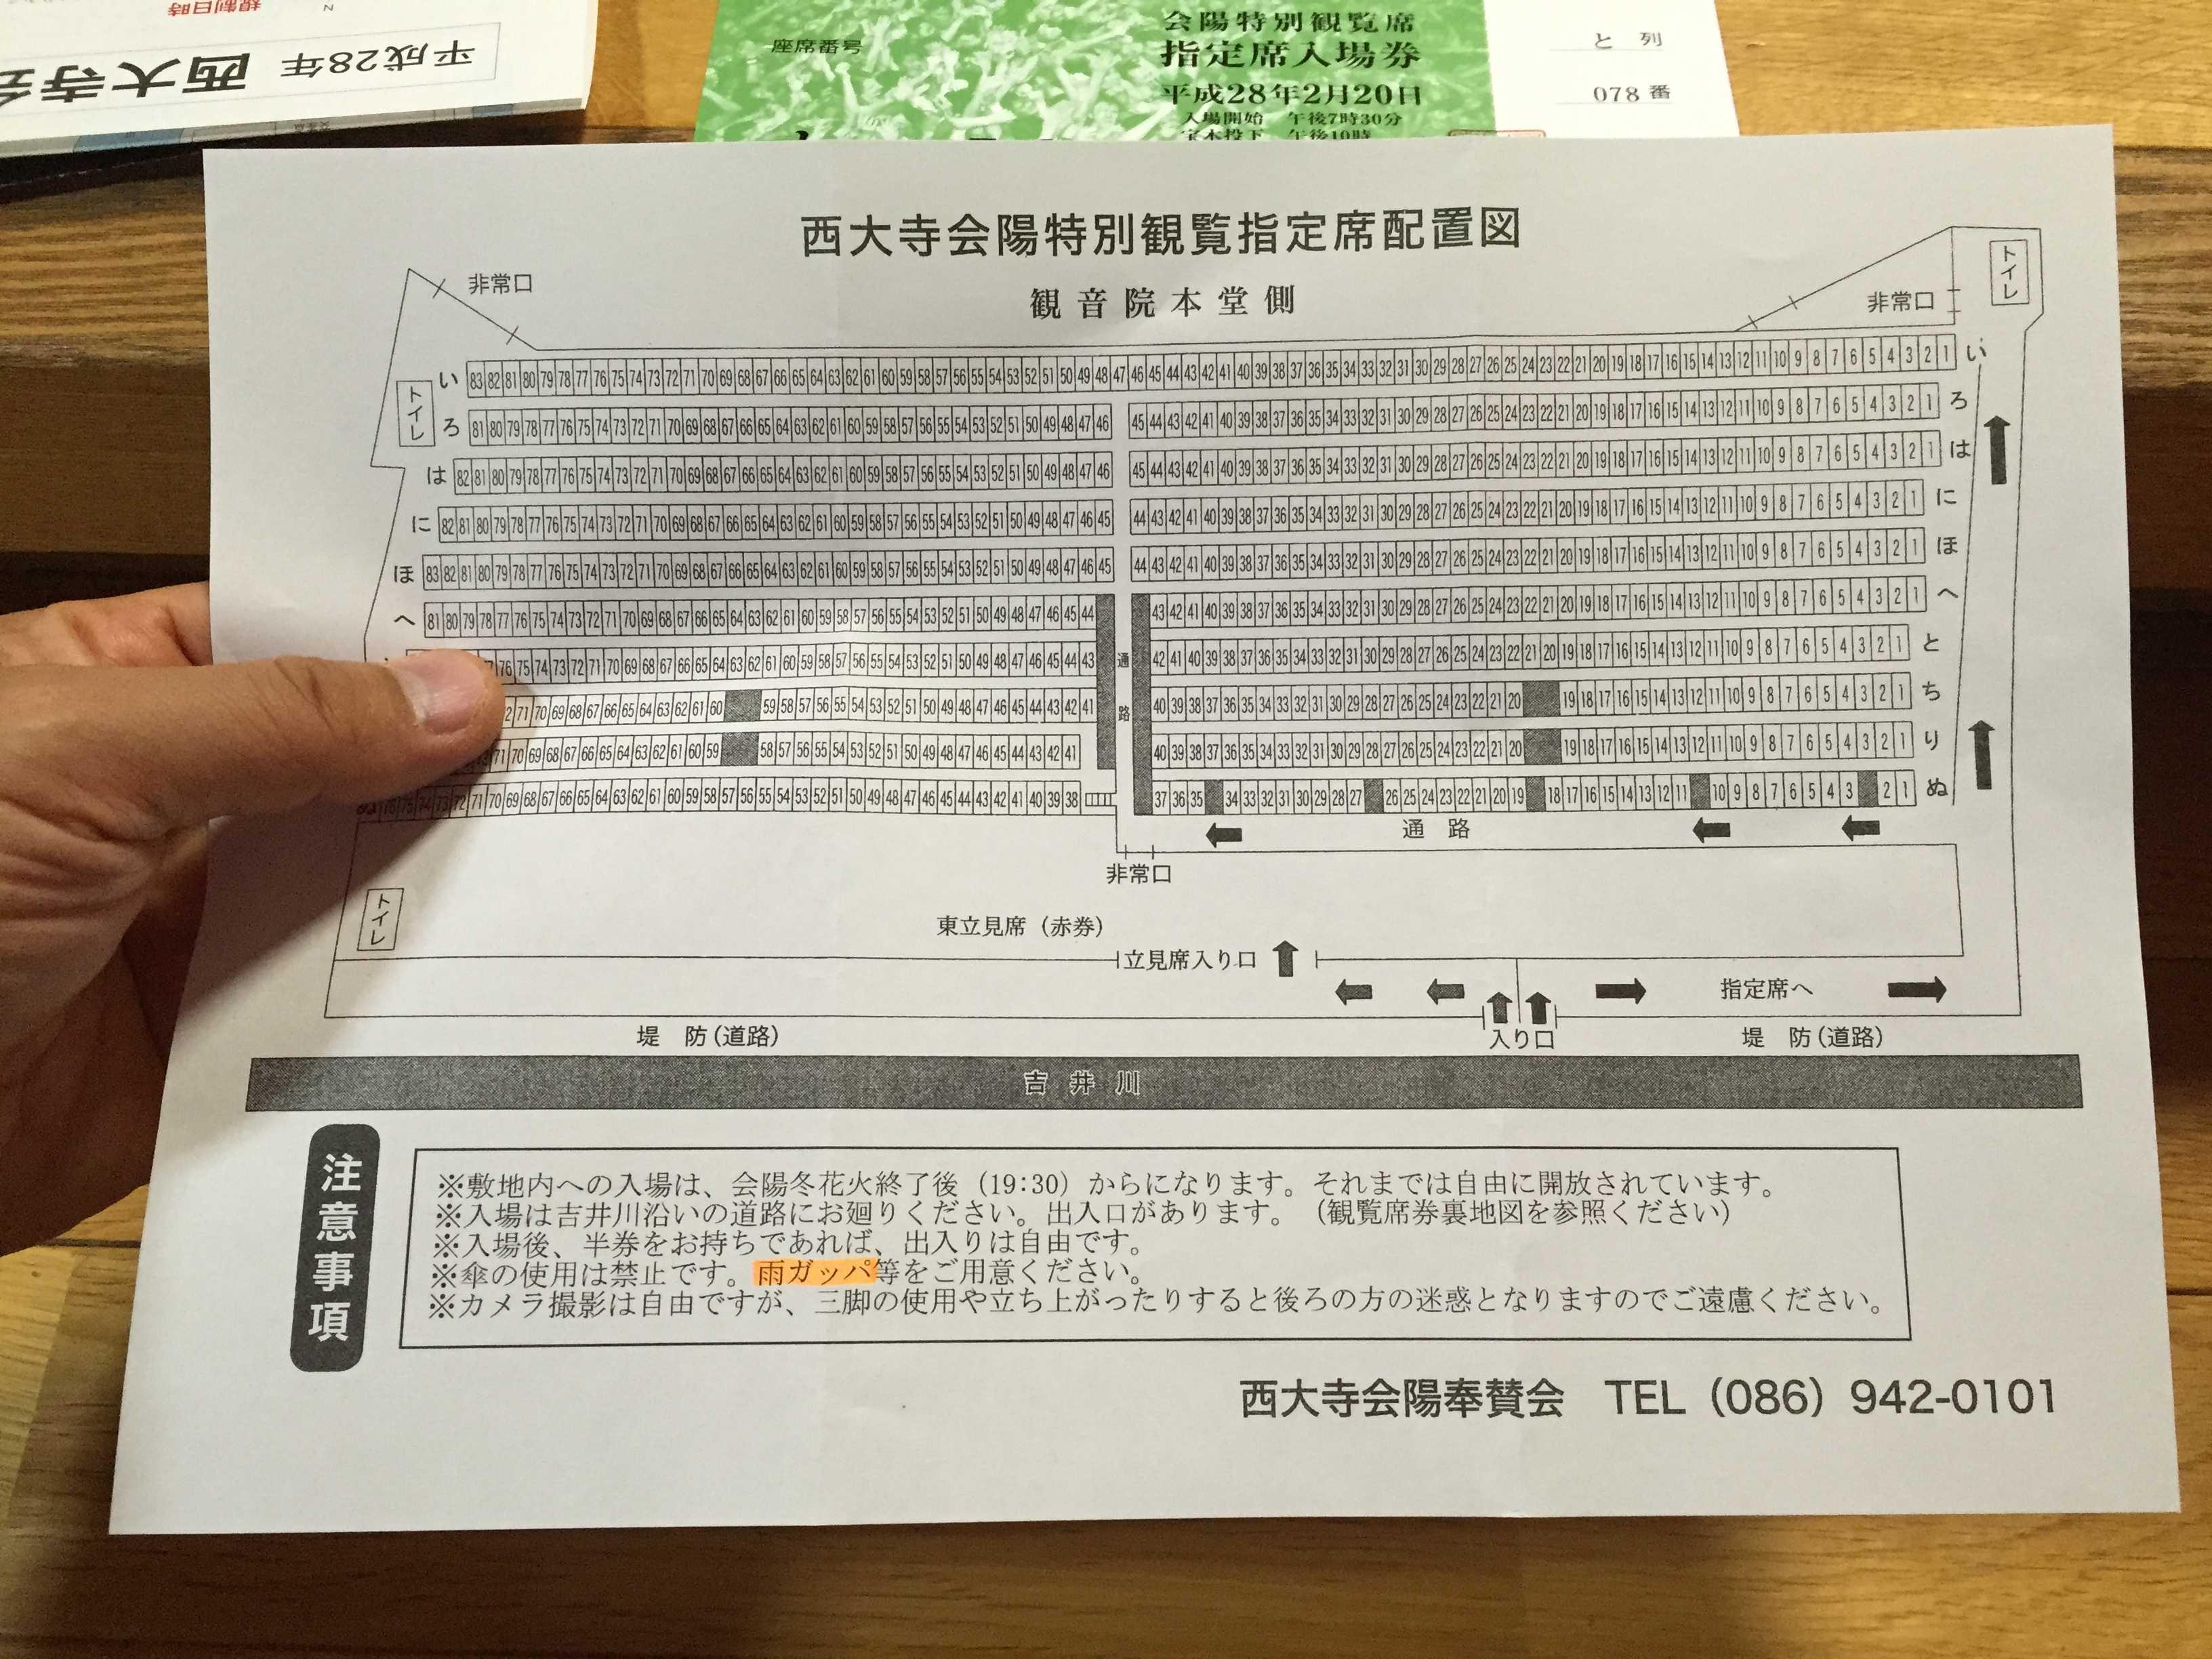 西大寺会陽特別観覧券指定席配置図